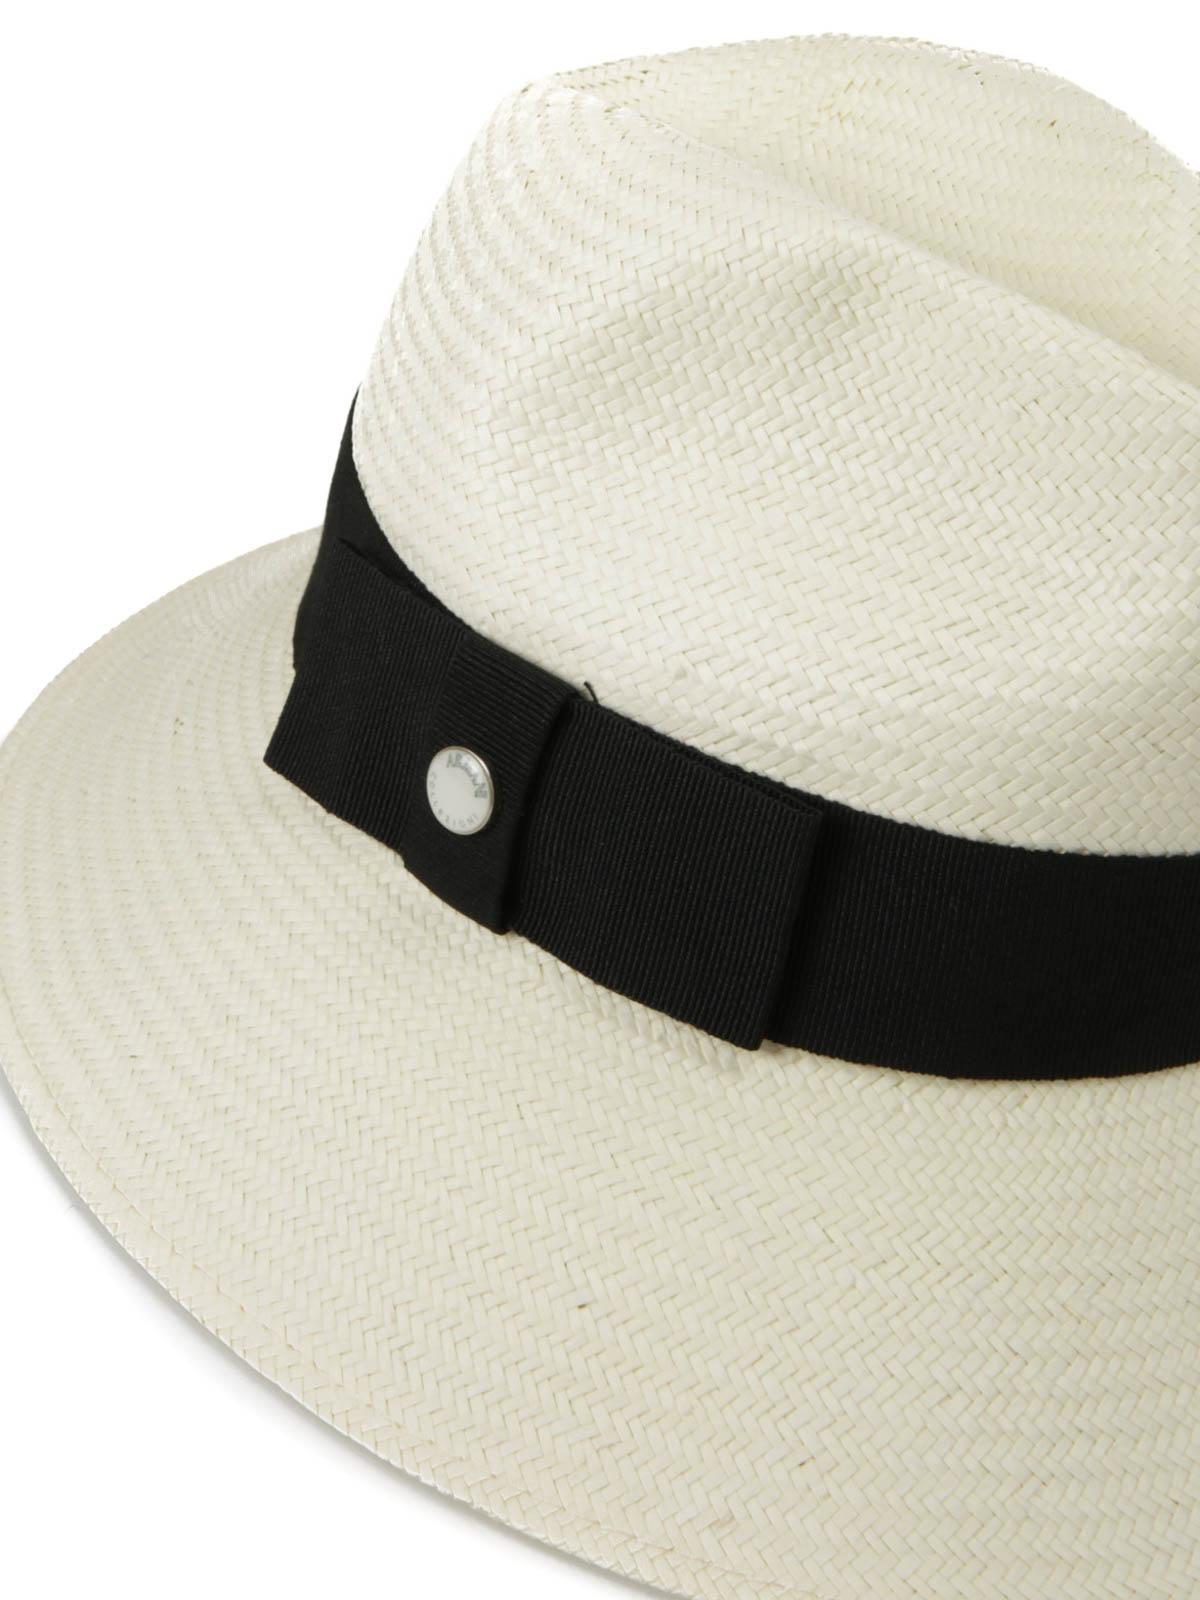 Armani Collezioni - Woven paper hat - hats   caps - 697254 6P505 00211 7958a771219